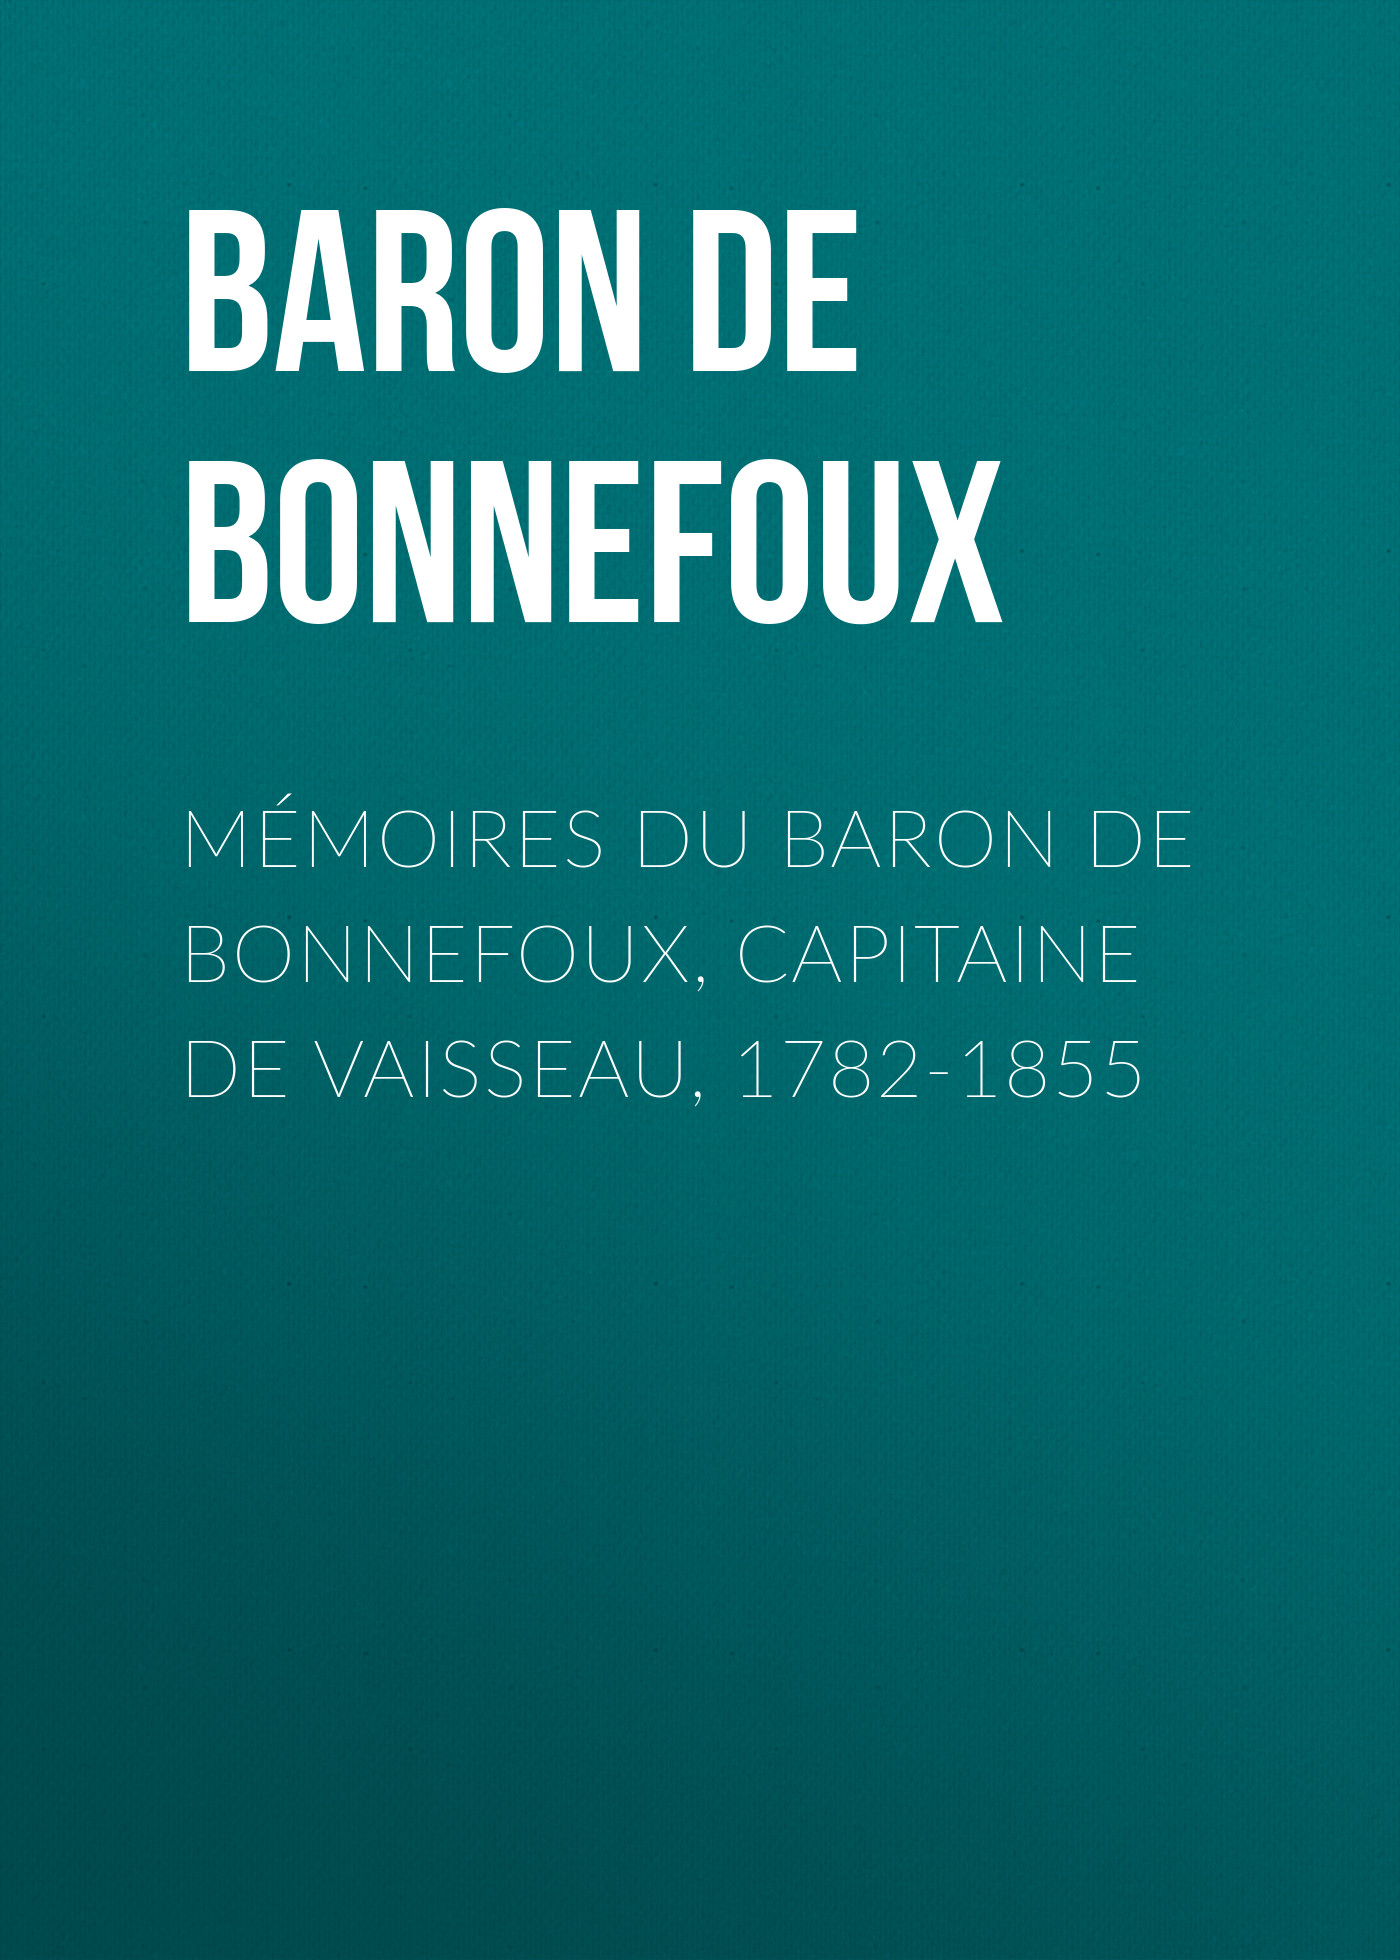 Baron de Pierre-Marie-Joseph Bonnefoux Mémoires du Baron de Bonnefoux, Capitaine de vaisseau, 1782-1855 baron de pierre marie joseph bonnefoux mémoires du baron de bonnefoux capitaine de vaisseau 1782 1855